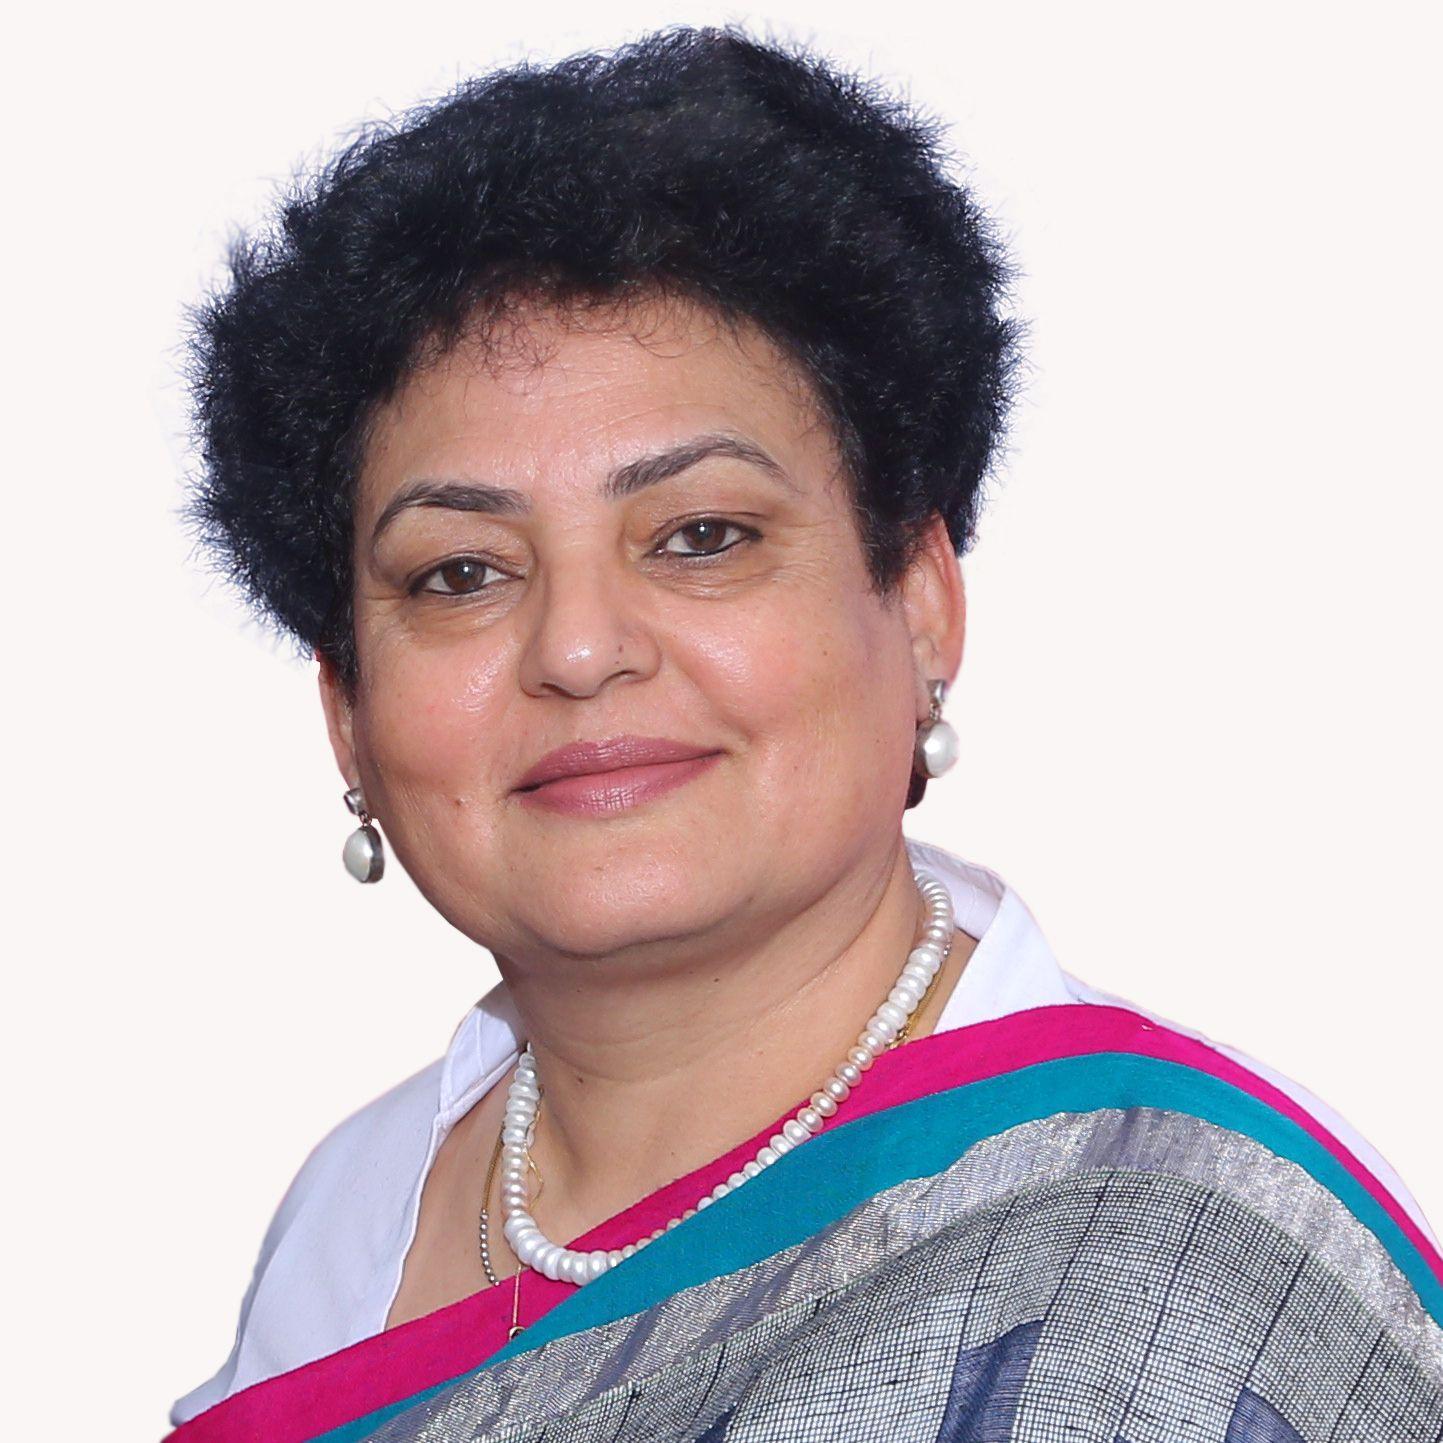 लव जिहाद मामले में घिर गई राष्ट्रीय महिला आयोग की अध्यक्ष